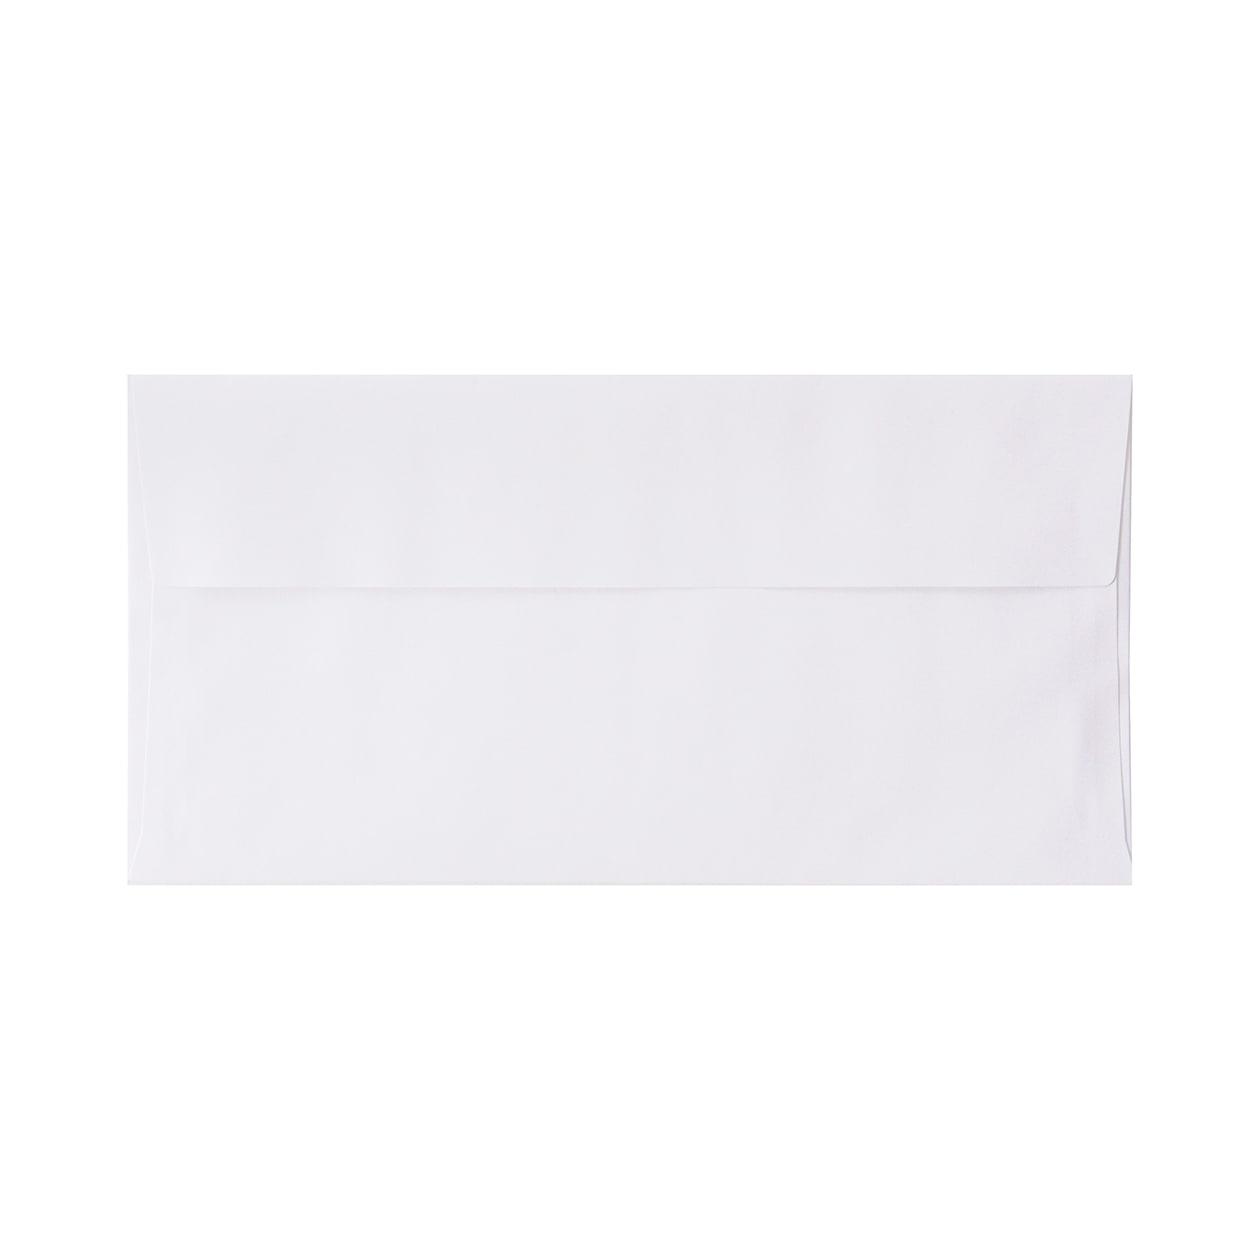 長3カマス封筒 上質カラー ホワイト 90.7g